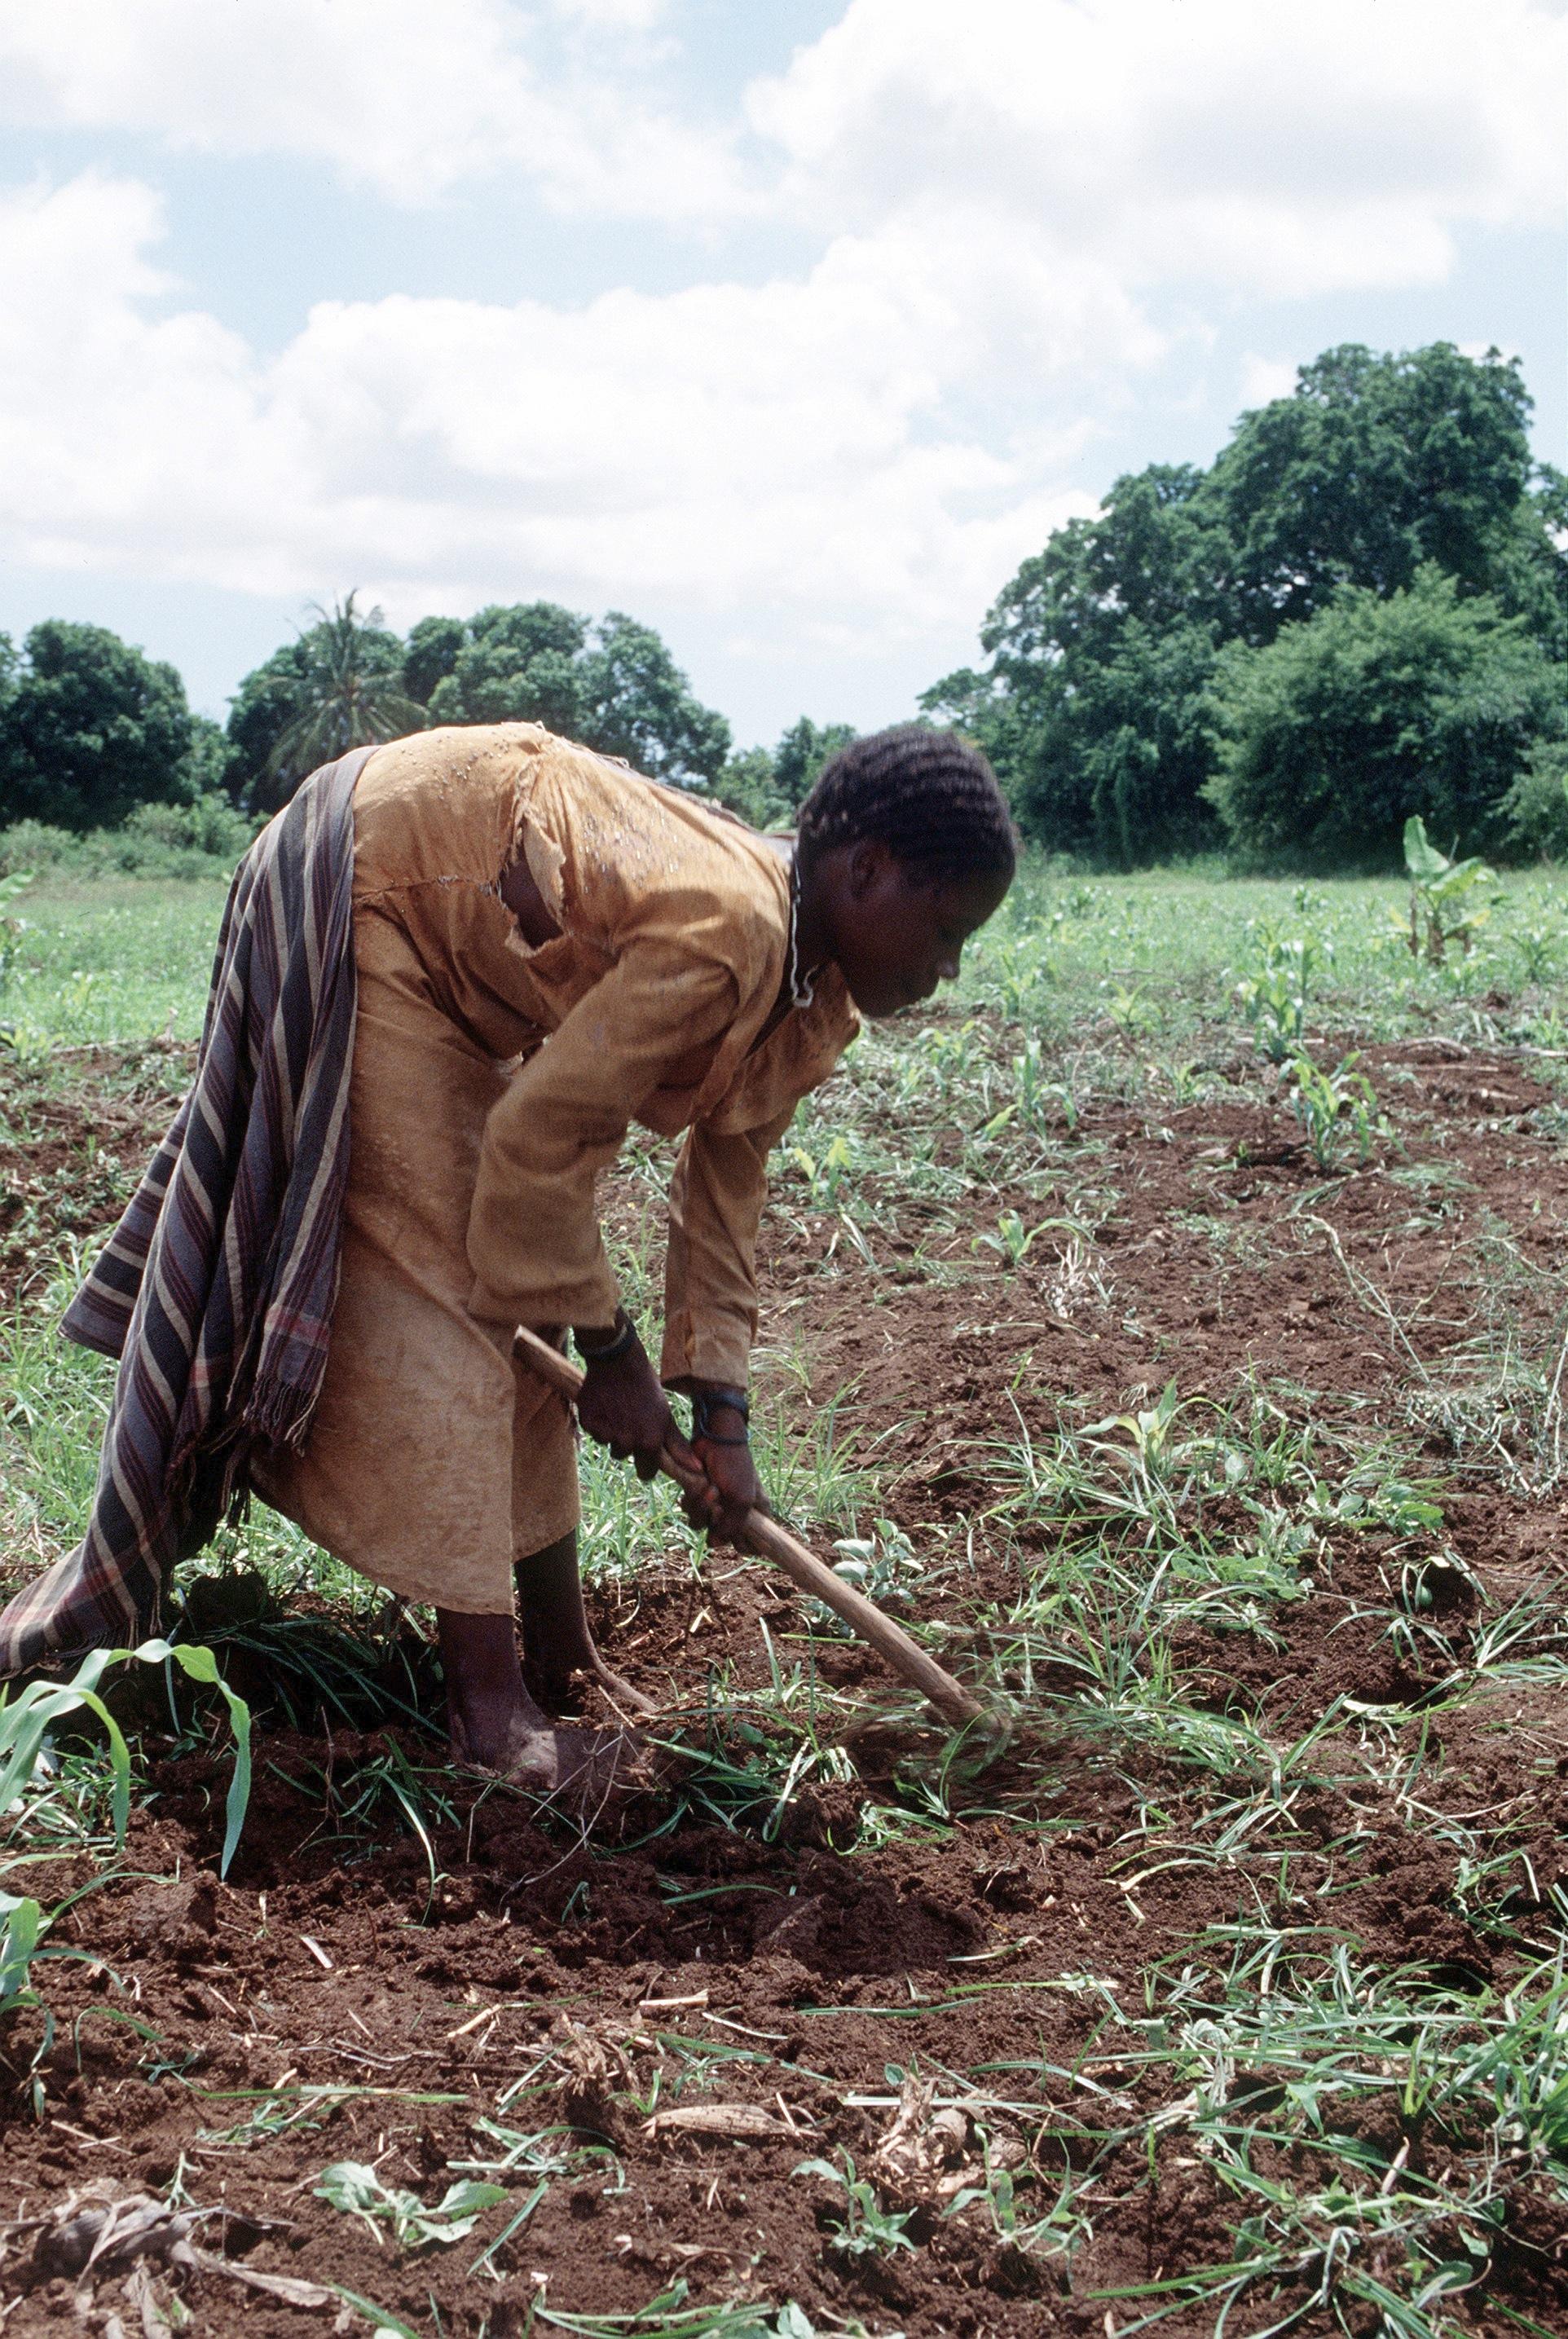 Descripció Somalia farmer woman.jpg